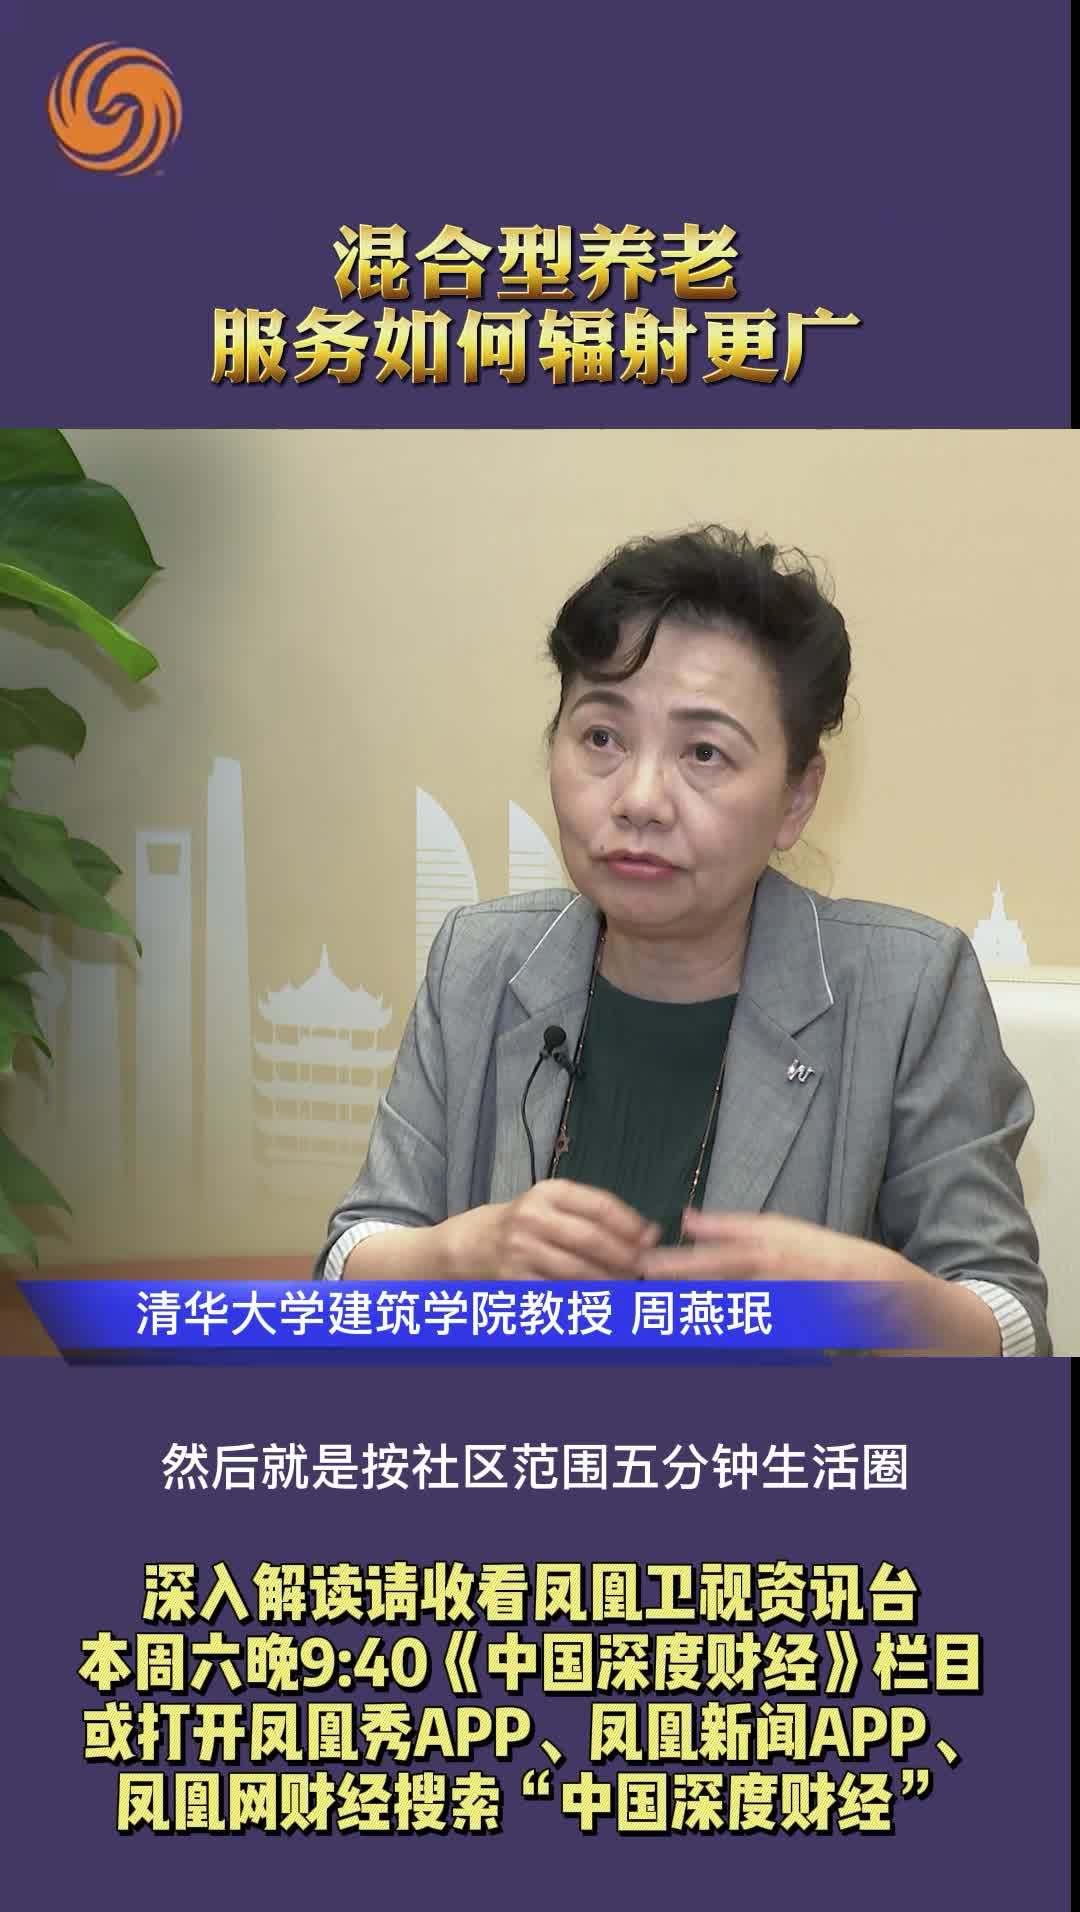 清华大学建筑学院教授周燕珉:混合型养老服务如何辐射更广